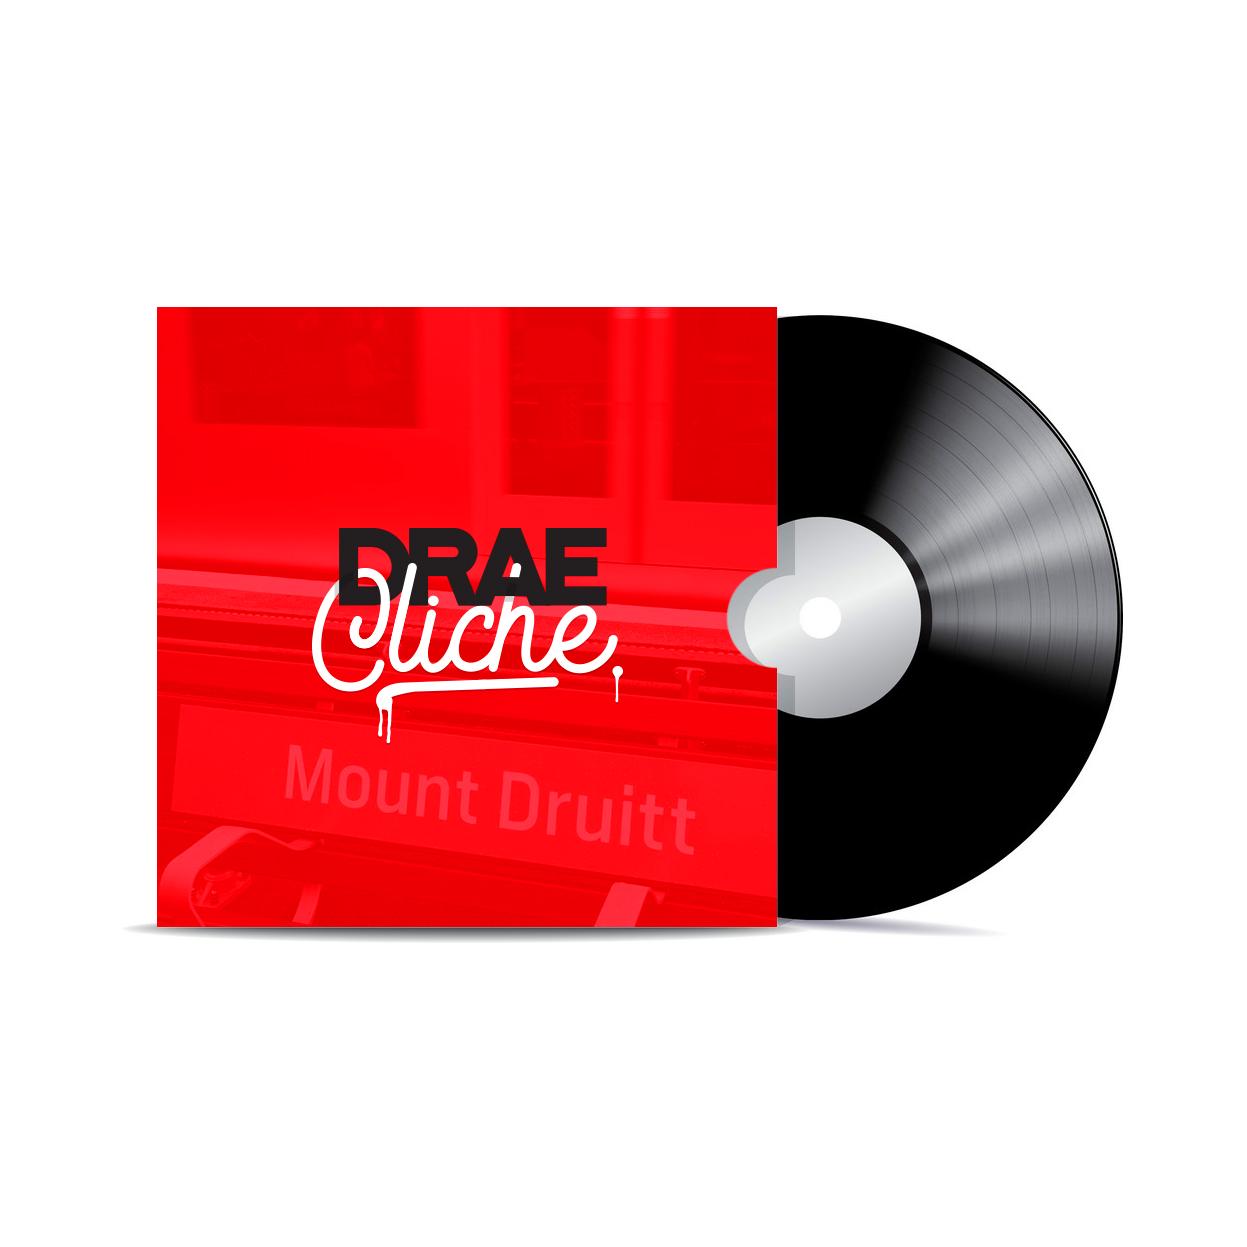 Drae Cliche